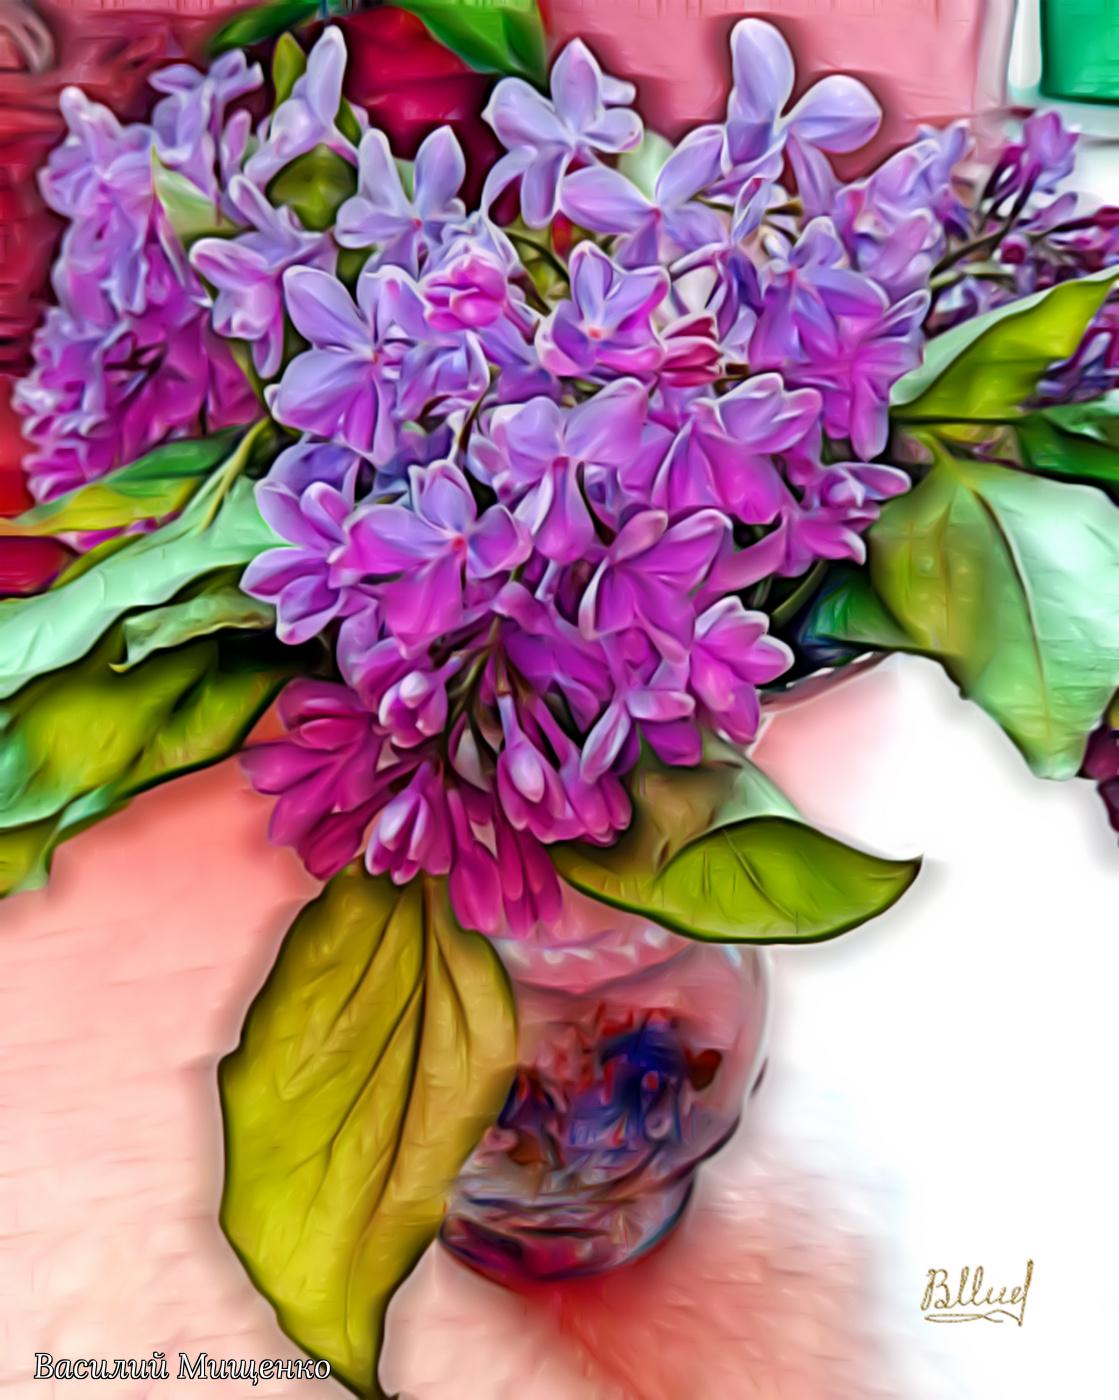 Vasiliy Mishchenko. Flowers 034